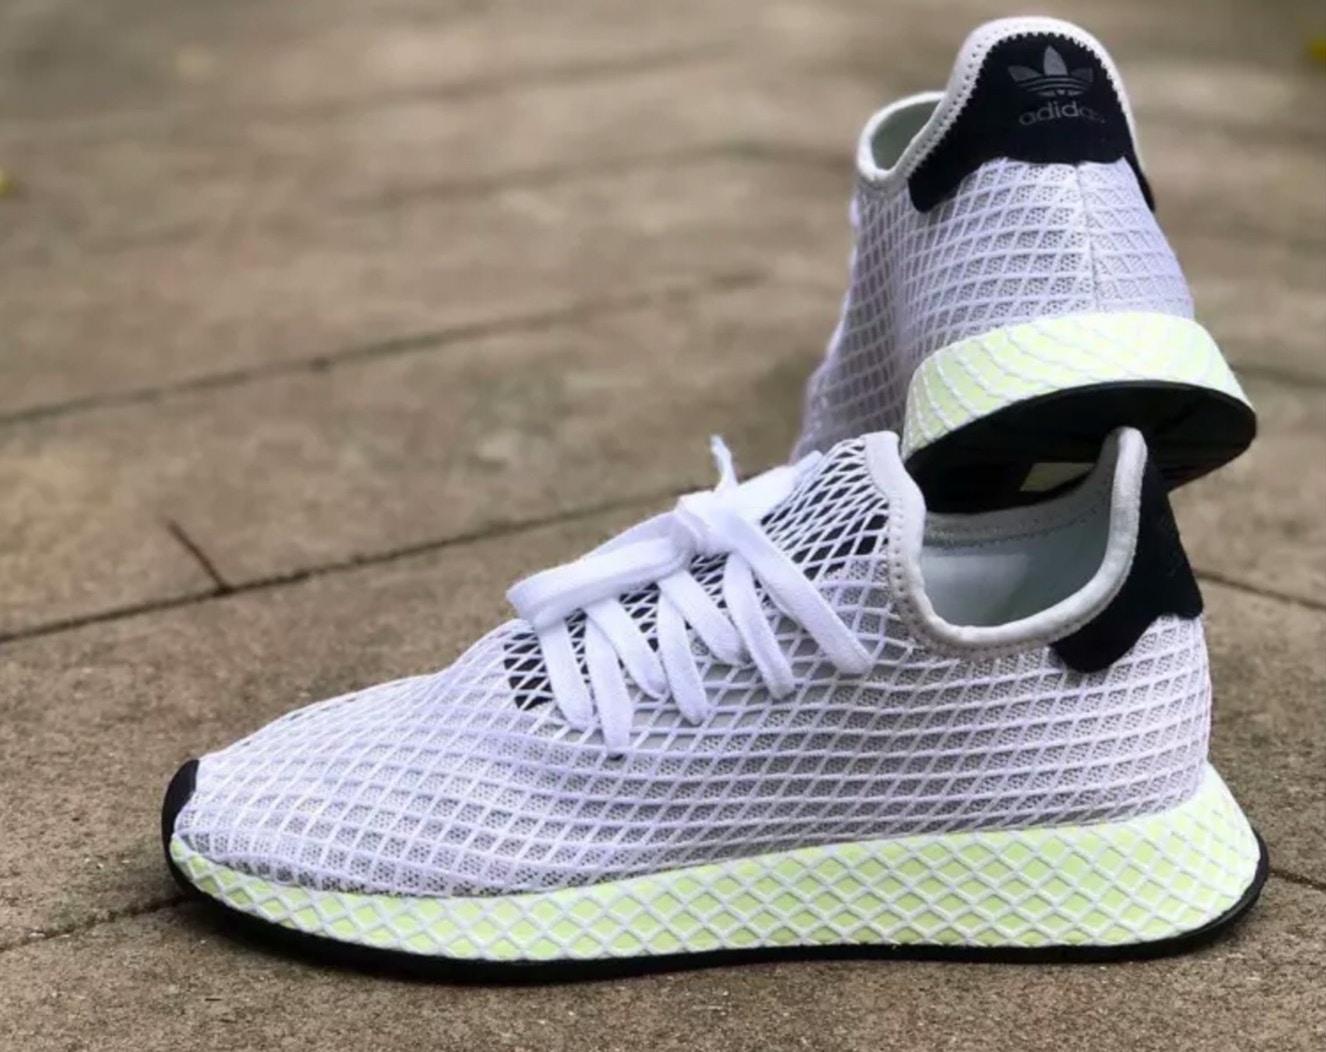 89a71ff8024f В интернете появились фото новой модели кроссовок adidas – Deerupt Runner